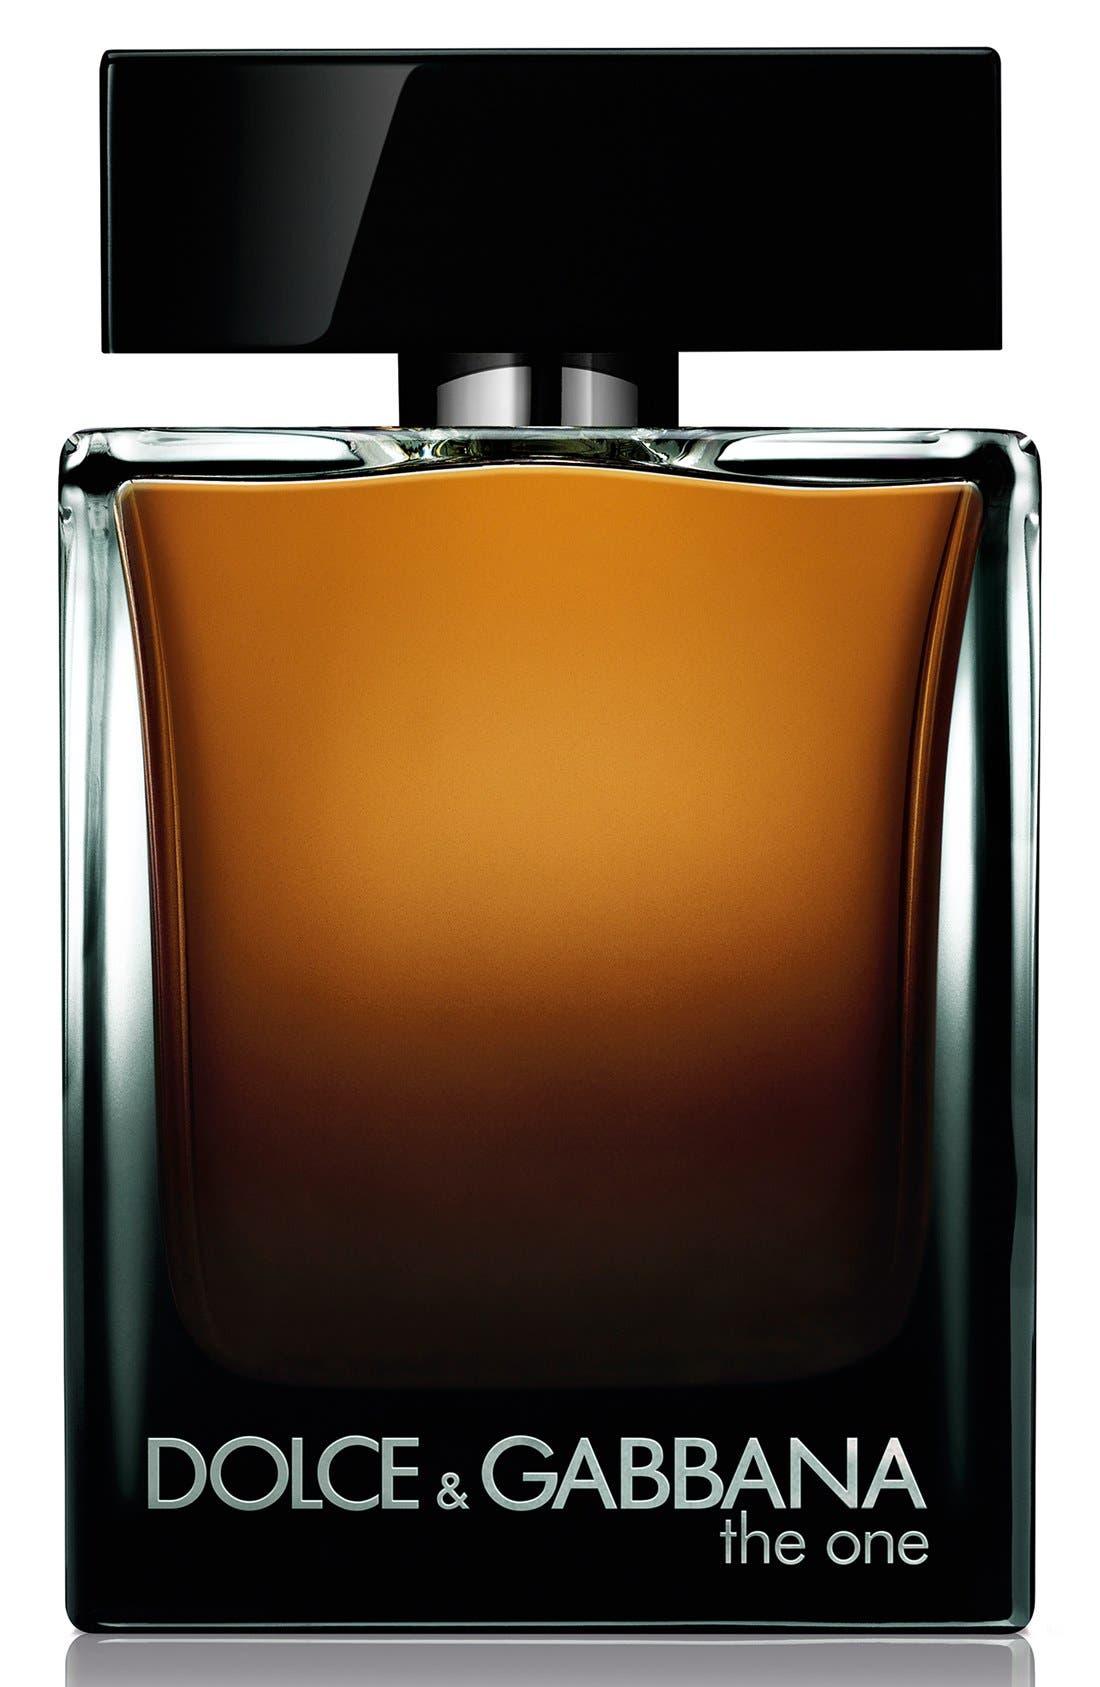 Dolce&Gabbana Beauty 'The One for Men' Eau de Parfum